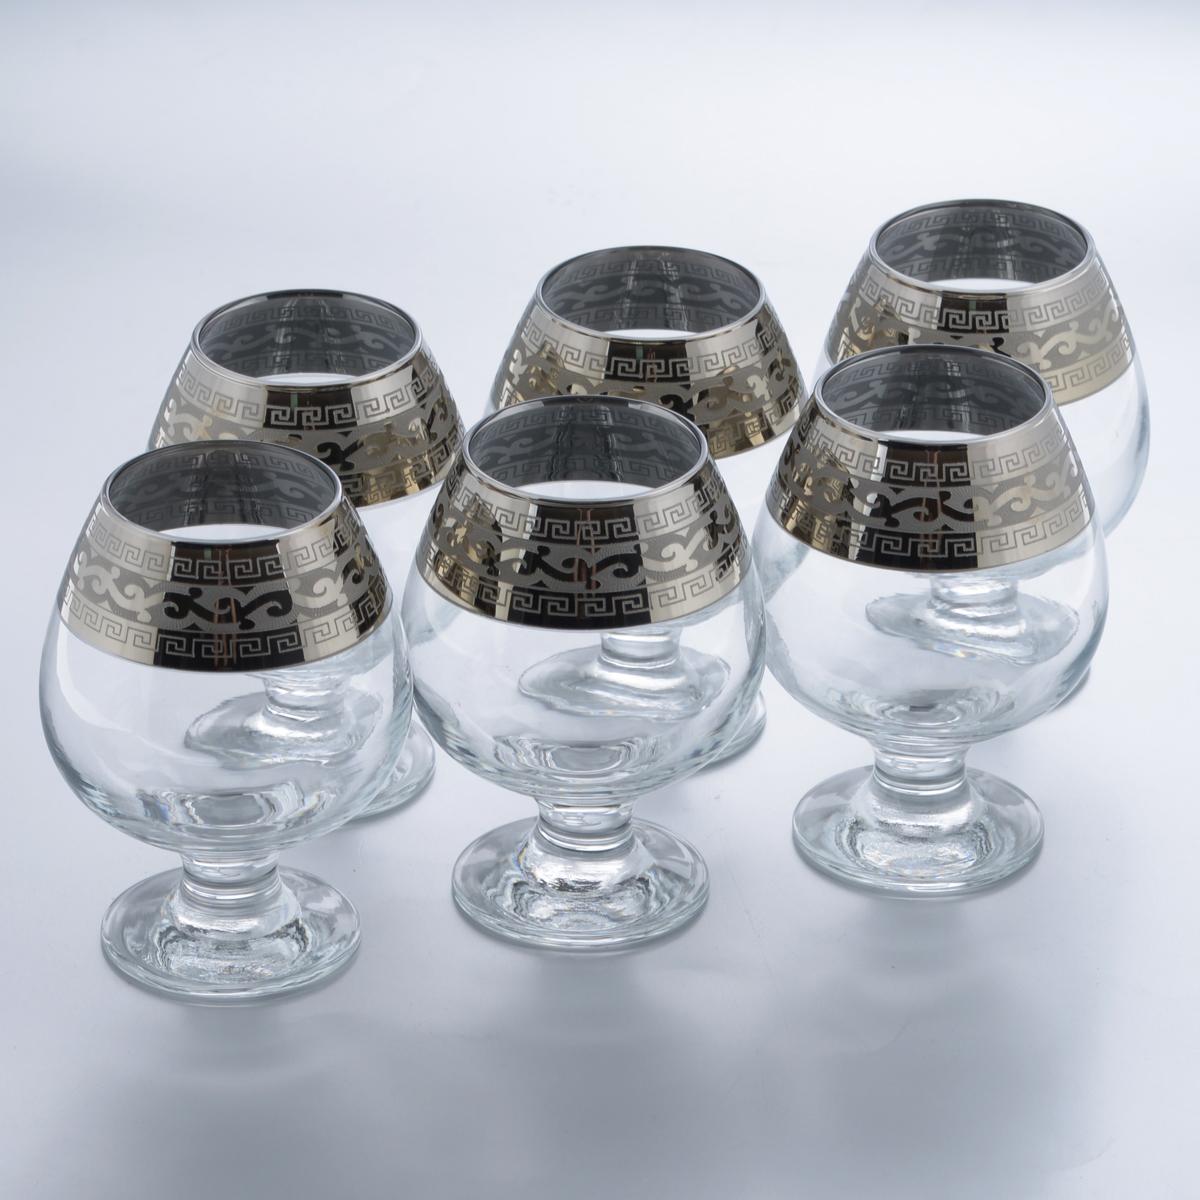 Набор бокалов для бренди Гусь-Хрустальный Версаче, 400 мл, 6 штGE08-188Набор Гусь-Хрустальный Версаче состоит из 6 бокалов, изготовленных из высококачественного натрий-кальций-силикатного стекла. Изделия оформлены красивым зеркальным покрытием и широкой окантовкой с оригинальным узором. Бокалы предназначены для подачи бренди. Такой набор прекрасно дополнит праздничный стол и станет желанным подарком в любом доме. Разрешается мыть в посудомоечной машине. Диаметр бокала (по верхнему краю): 5,5 см. Высота бокала: 12,5 см. Диаметр основания бокала: 6,4 см.